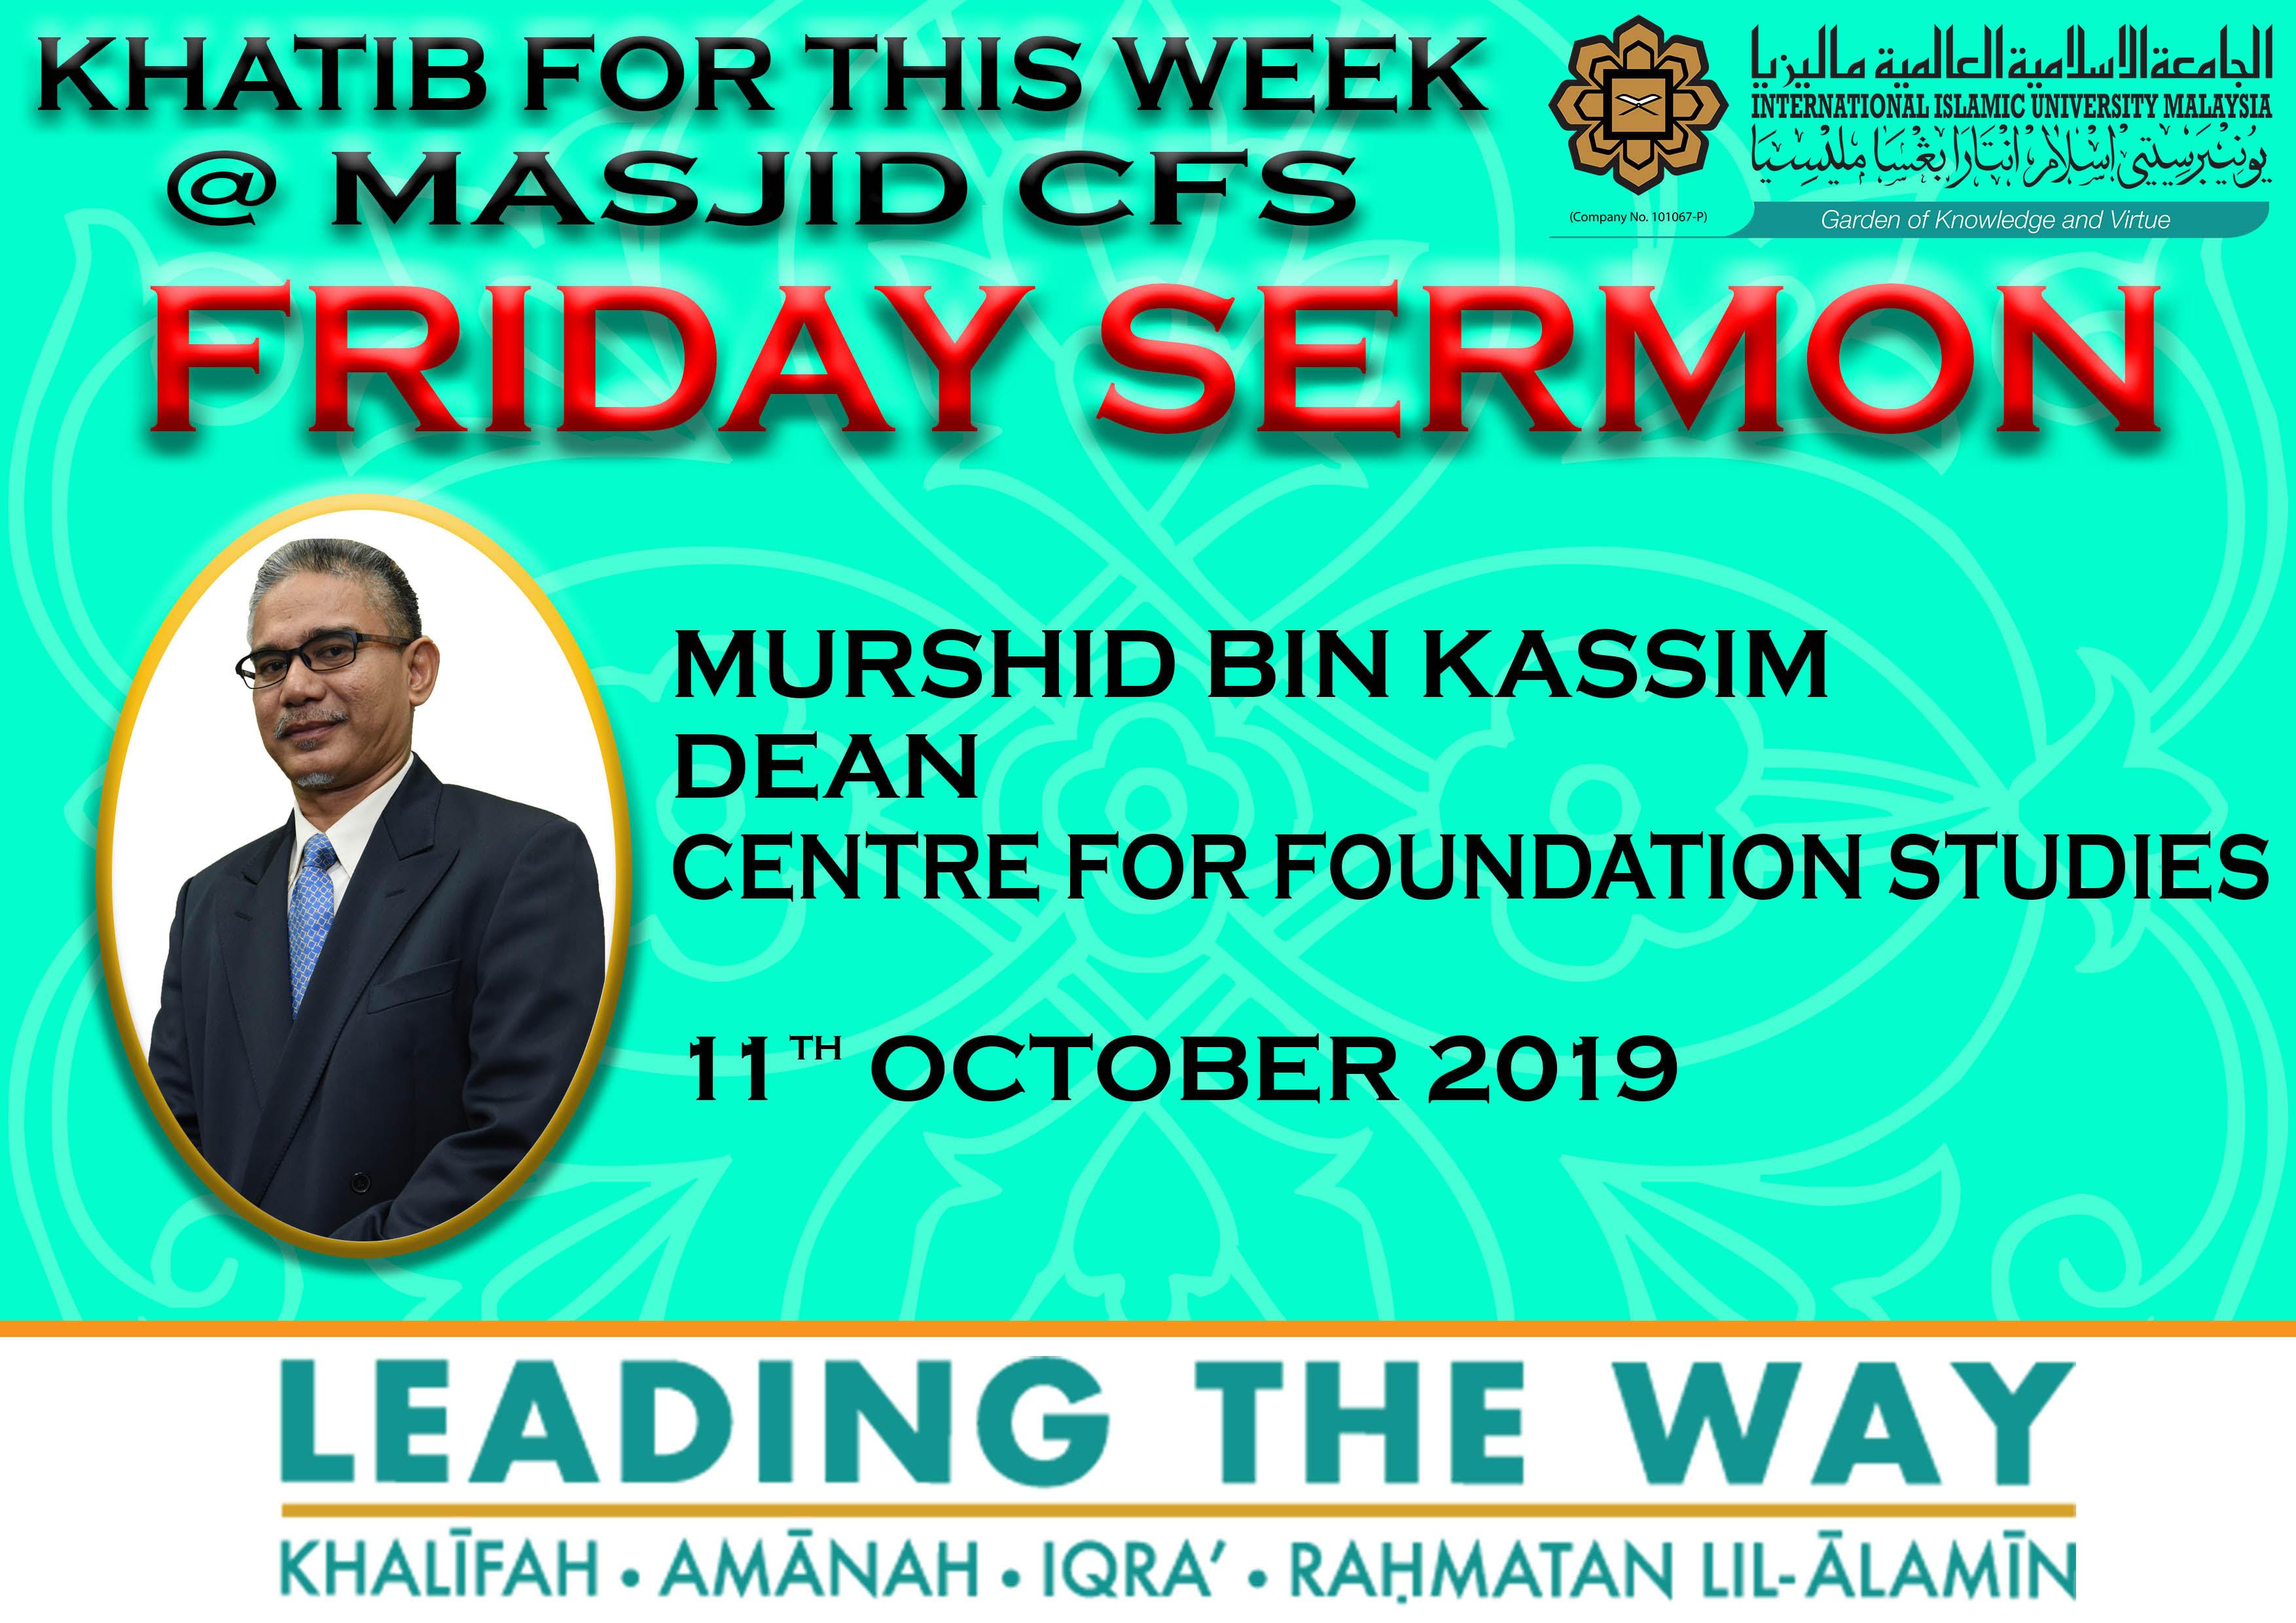 KHATIB THIS WEEK –  11th OCTOBER 2019 (FRIDAY) MASJID CFS IIUM, GAMBANG CAMPUS